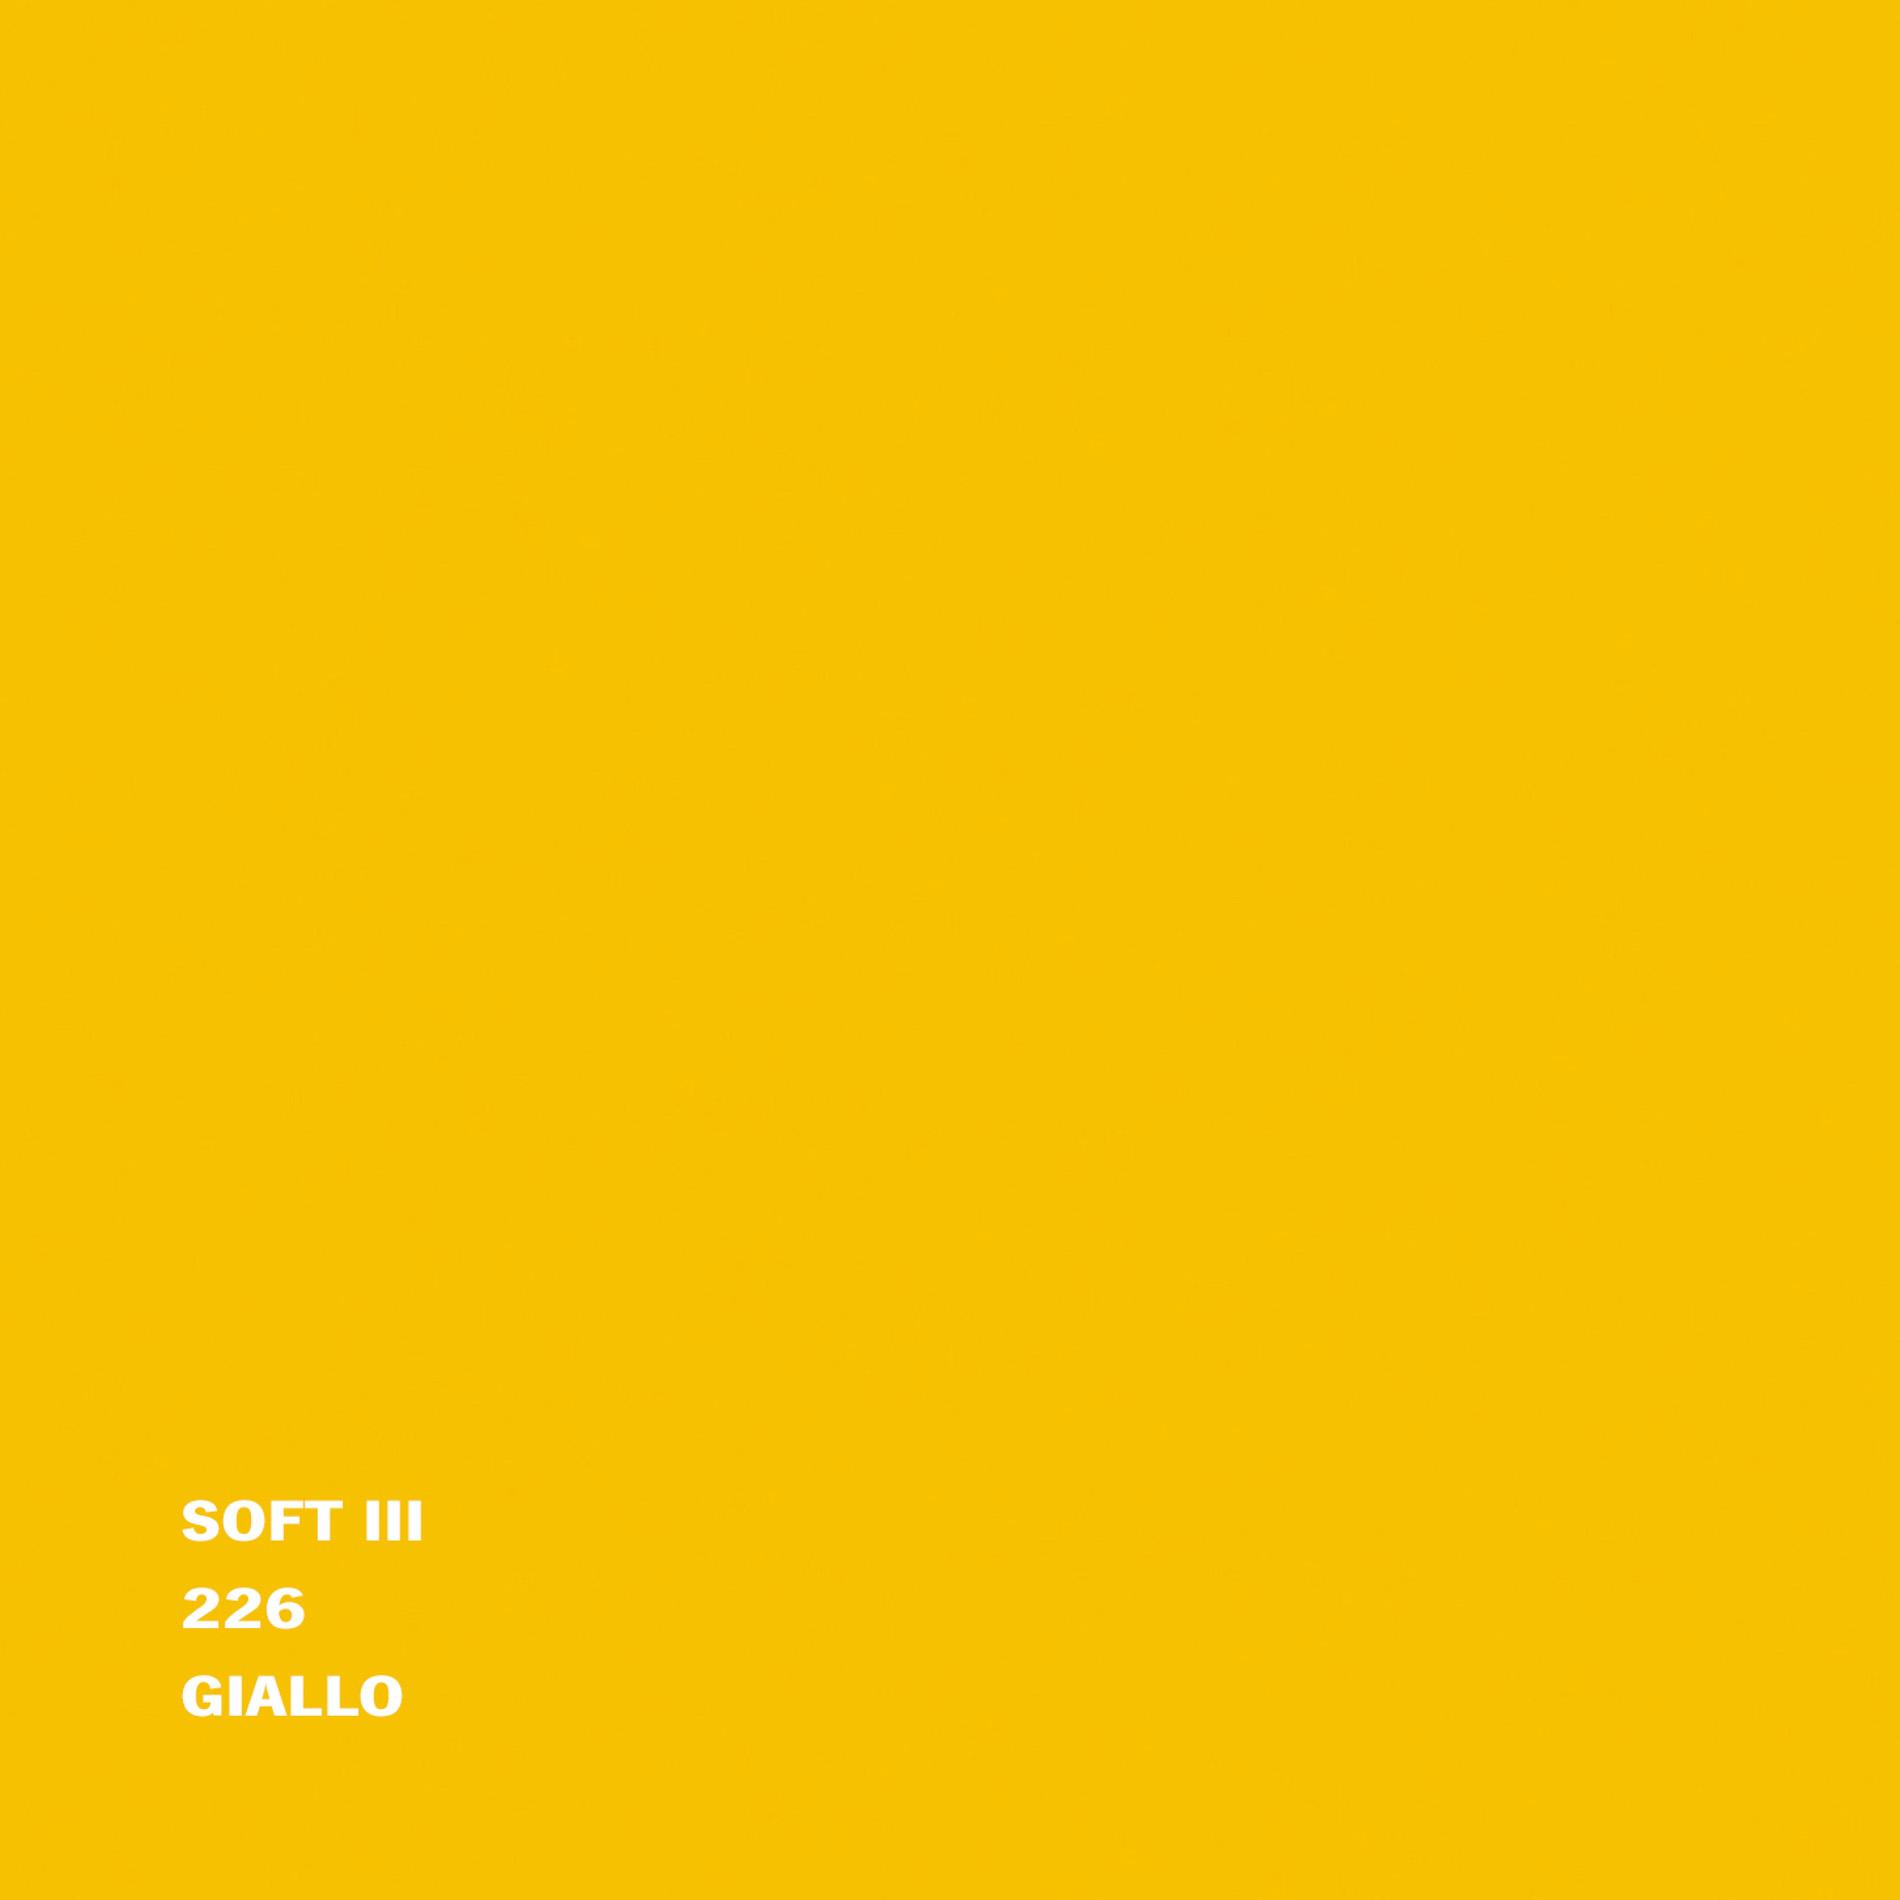 226_GIALLO_SOFT III